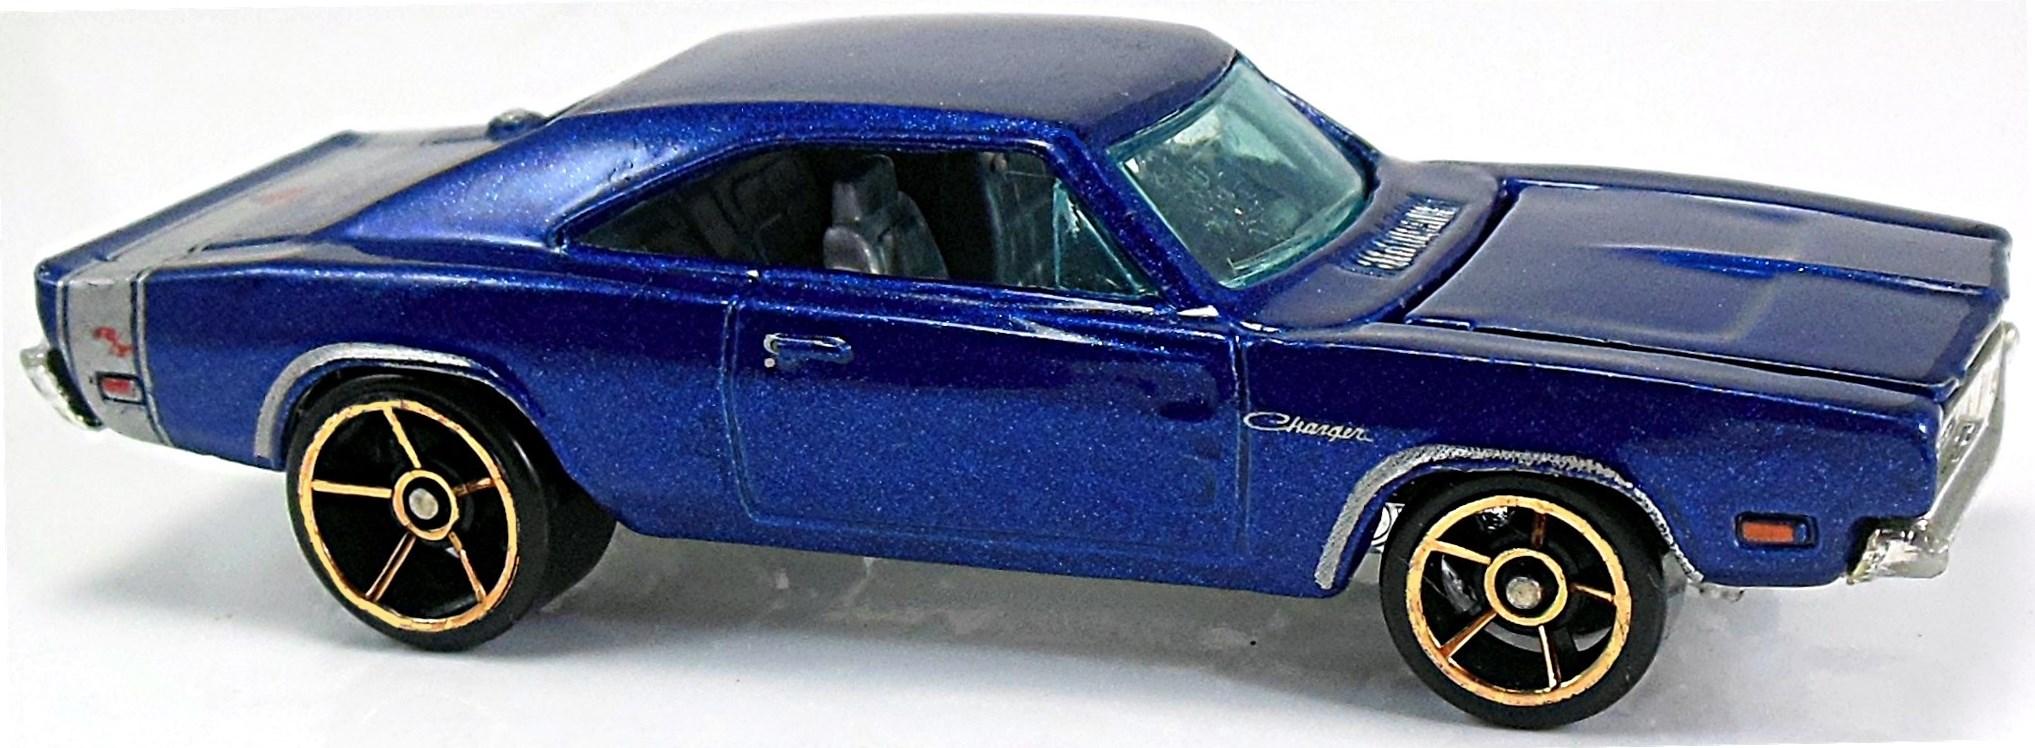 2005 Hot Wheels #104 Blue 1969 Dodge Charger w//5 Spoke Wheels